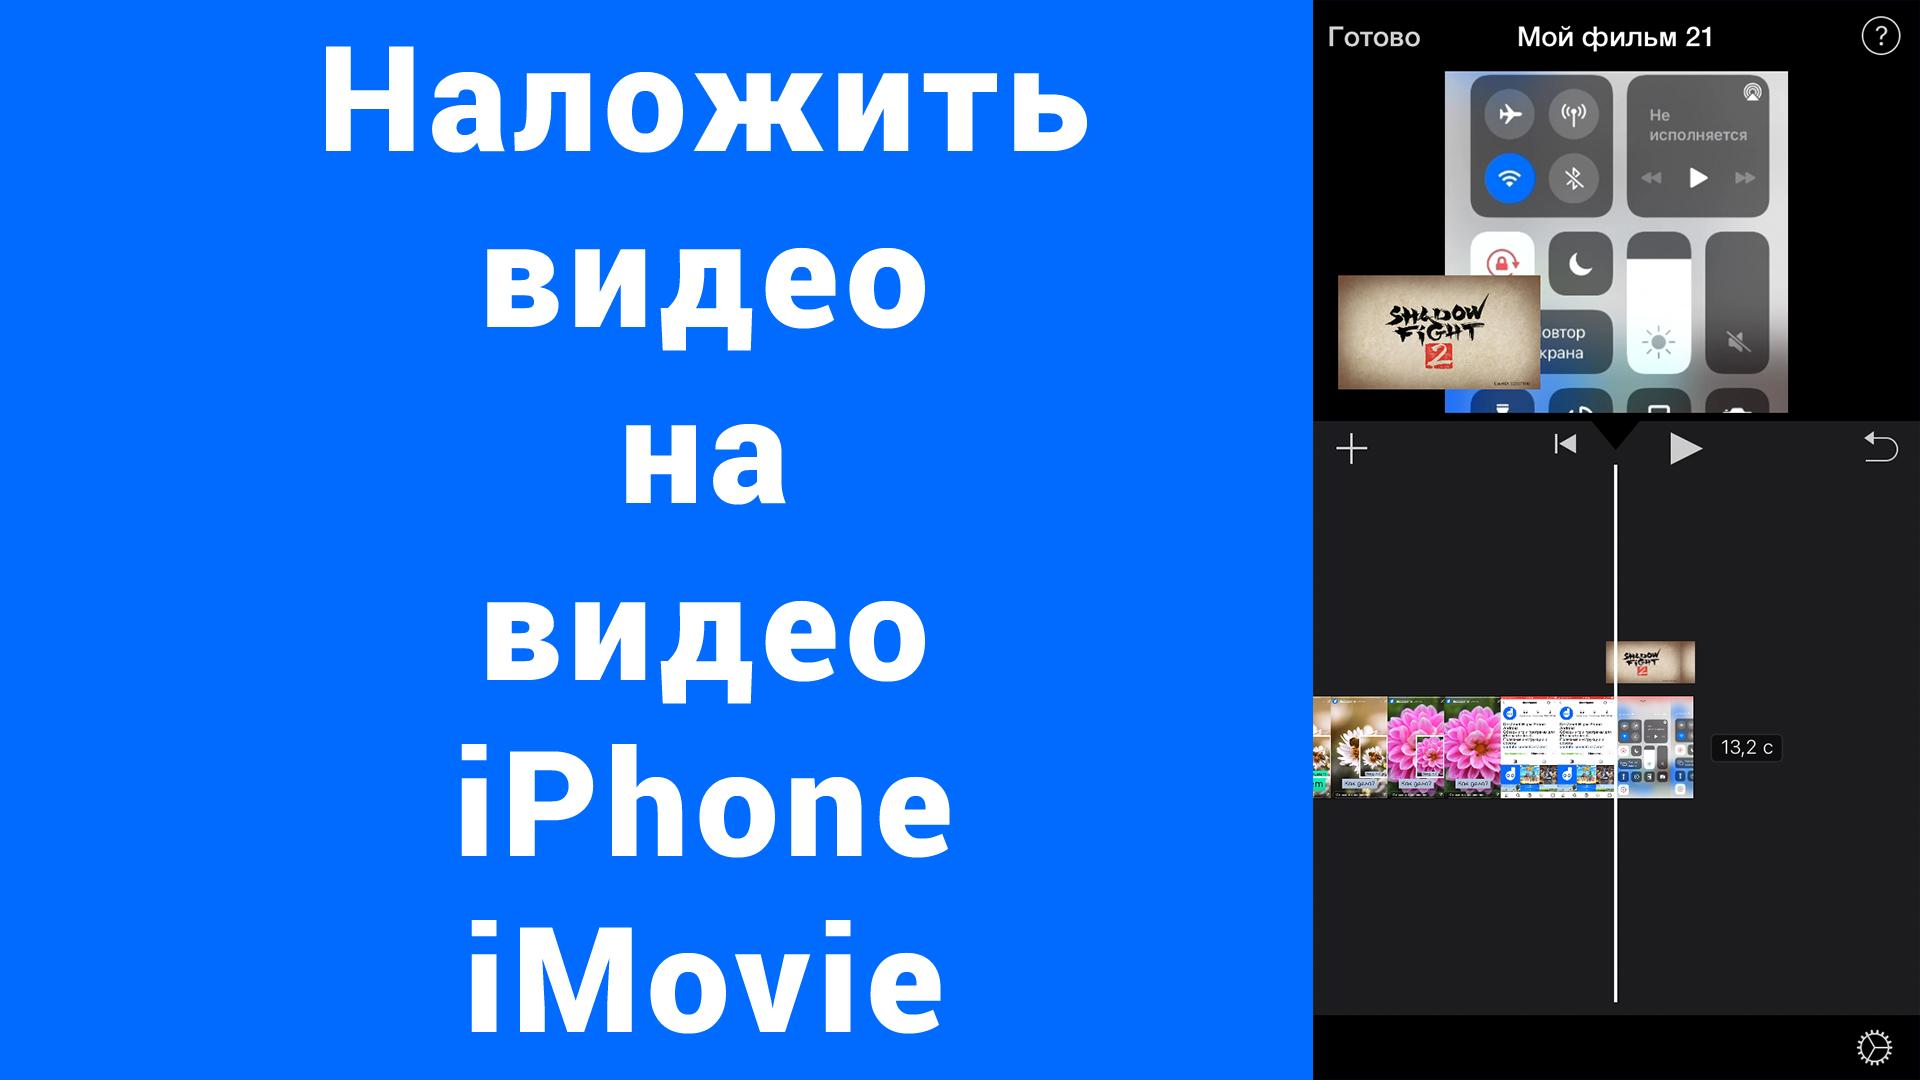 Наложить на видео видео на iPhone 2021 iMovie вертикальное или горизонтальное